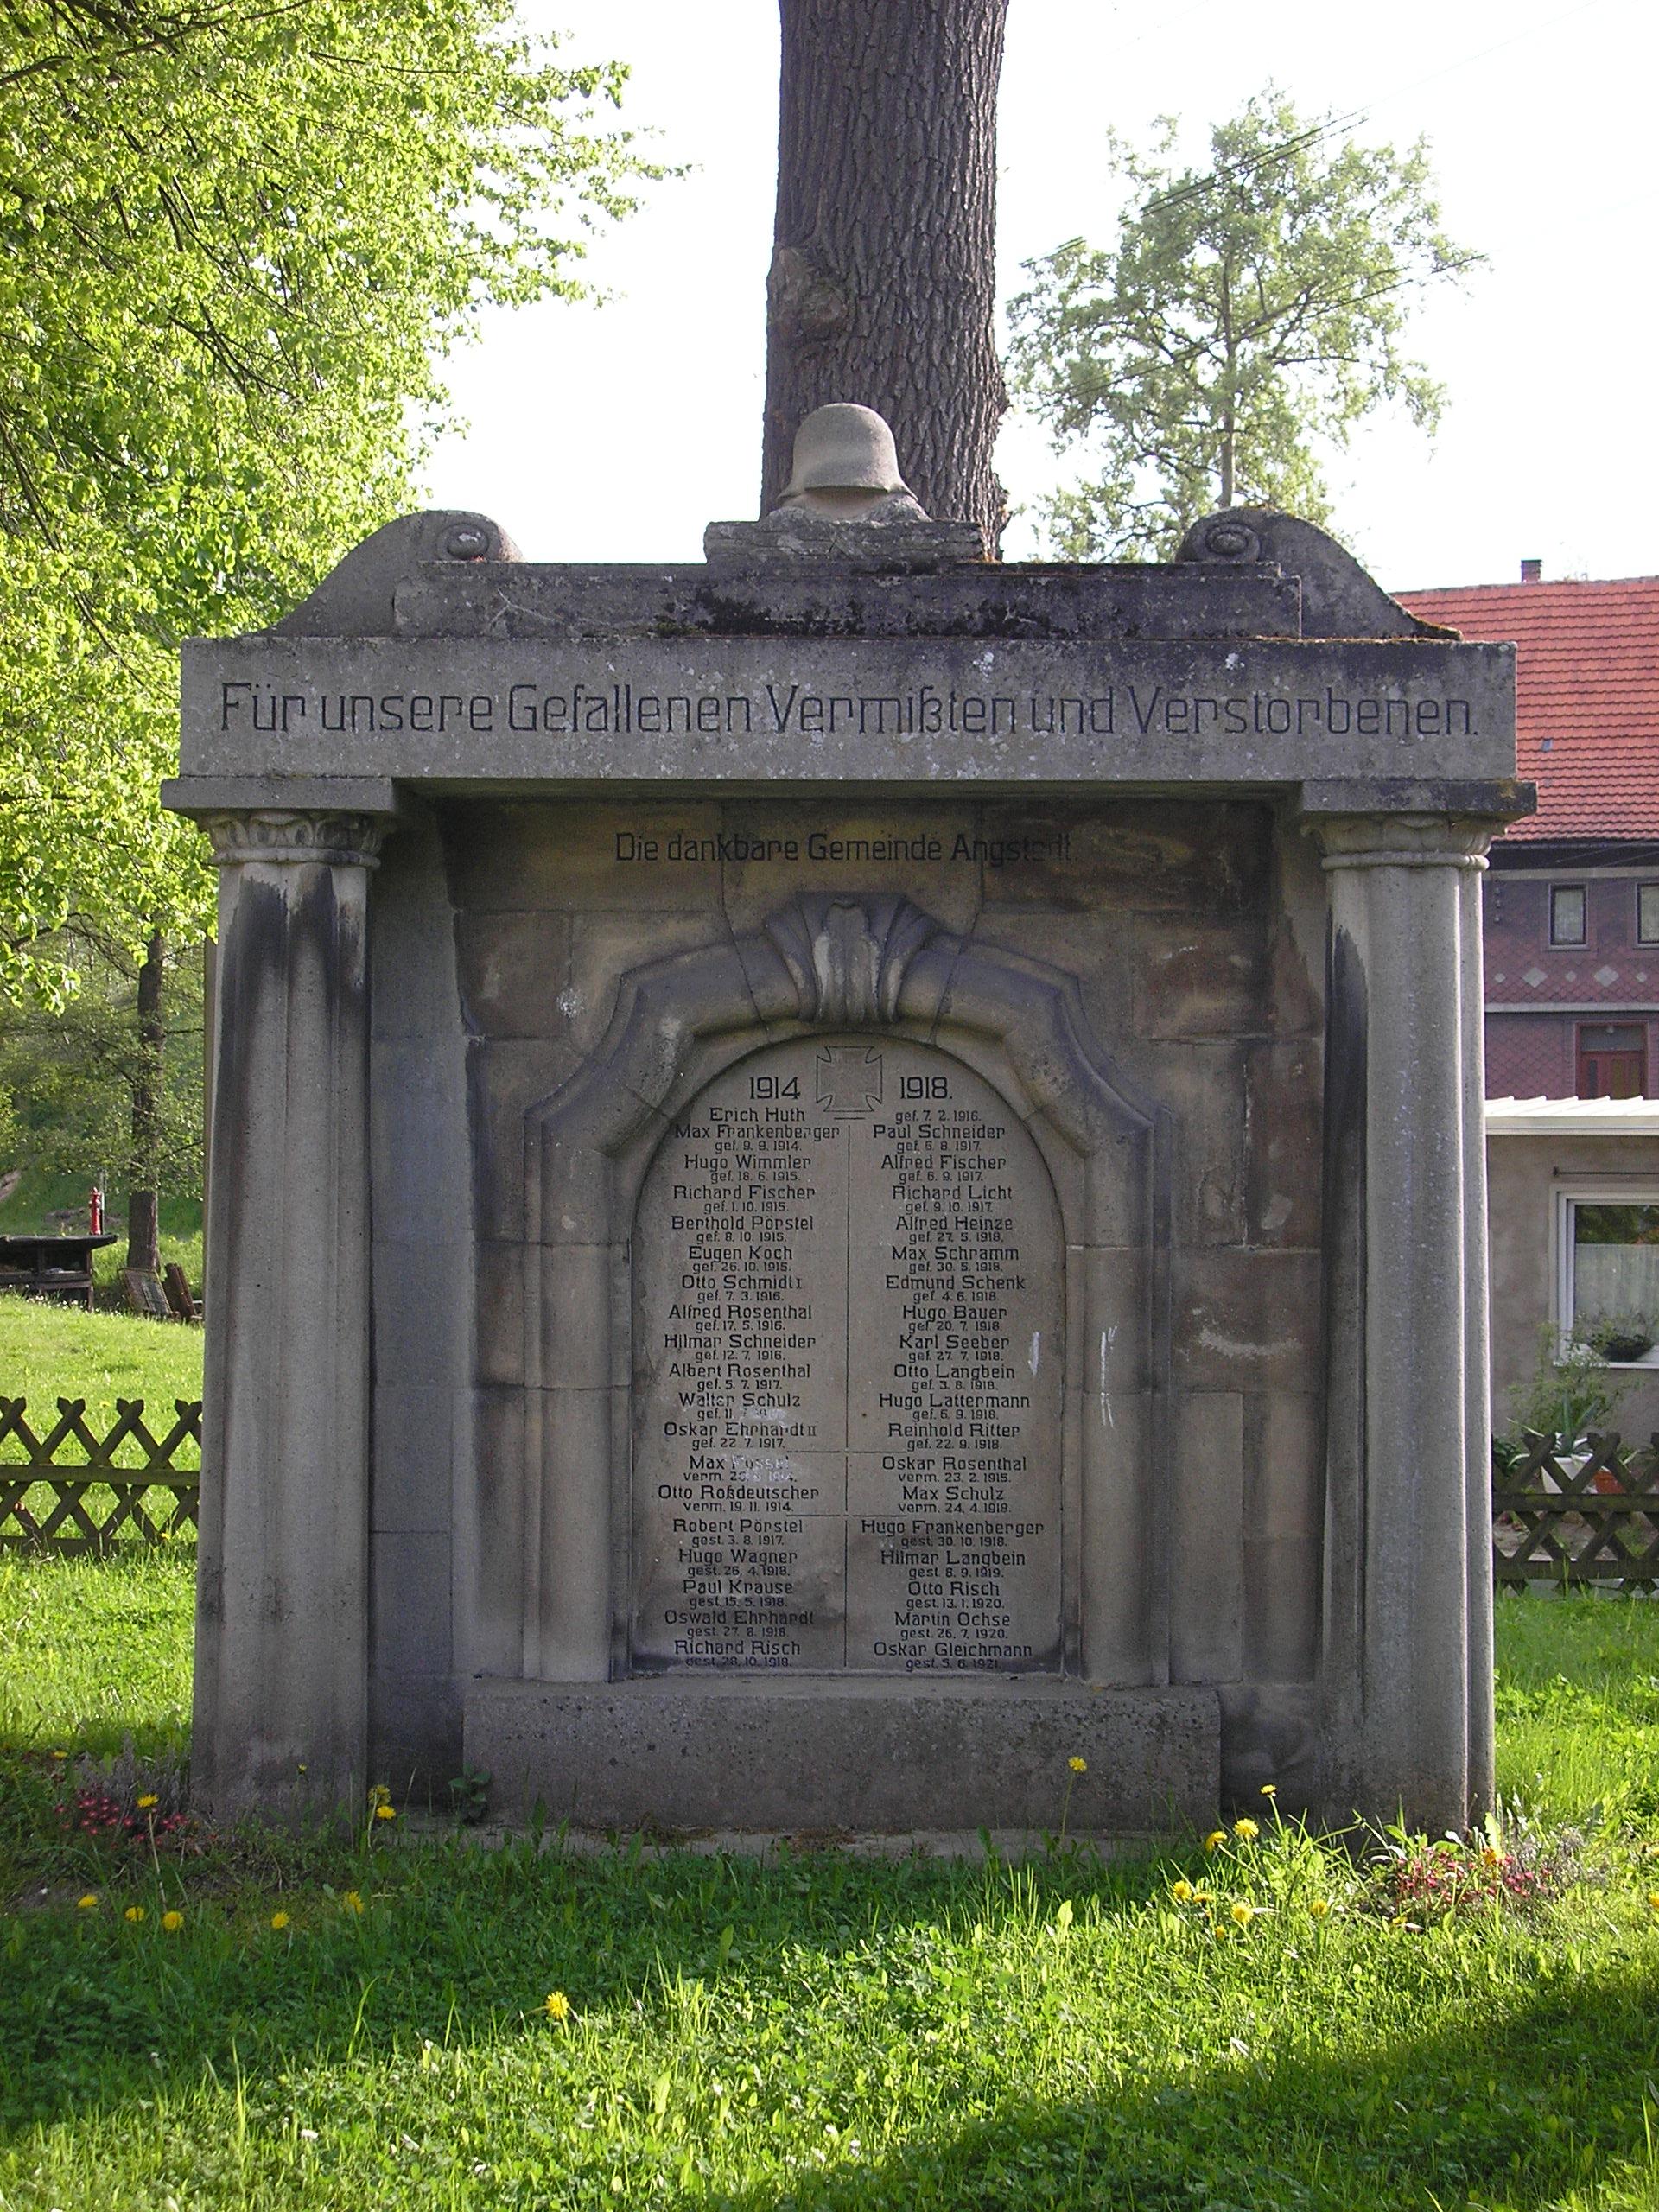 Denkmal zu Ehren der gefallenen Soldaten in Gräfinau-Angstedt (Thüringen)